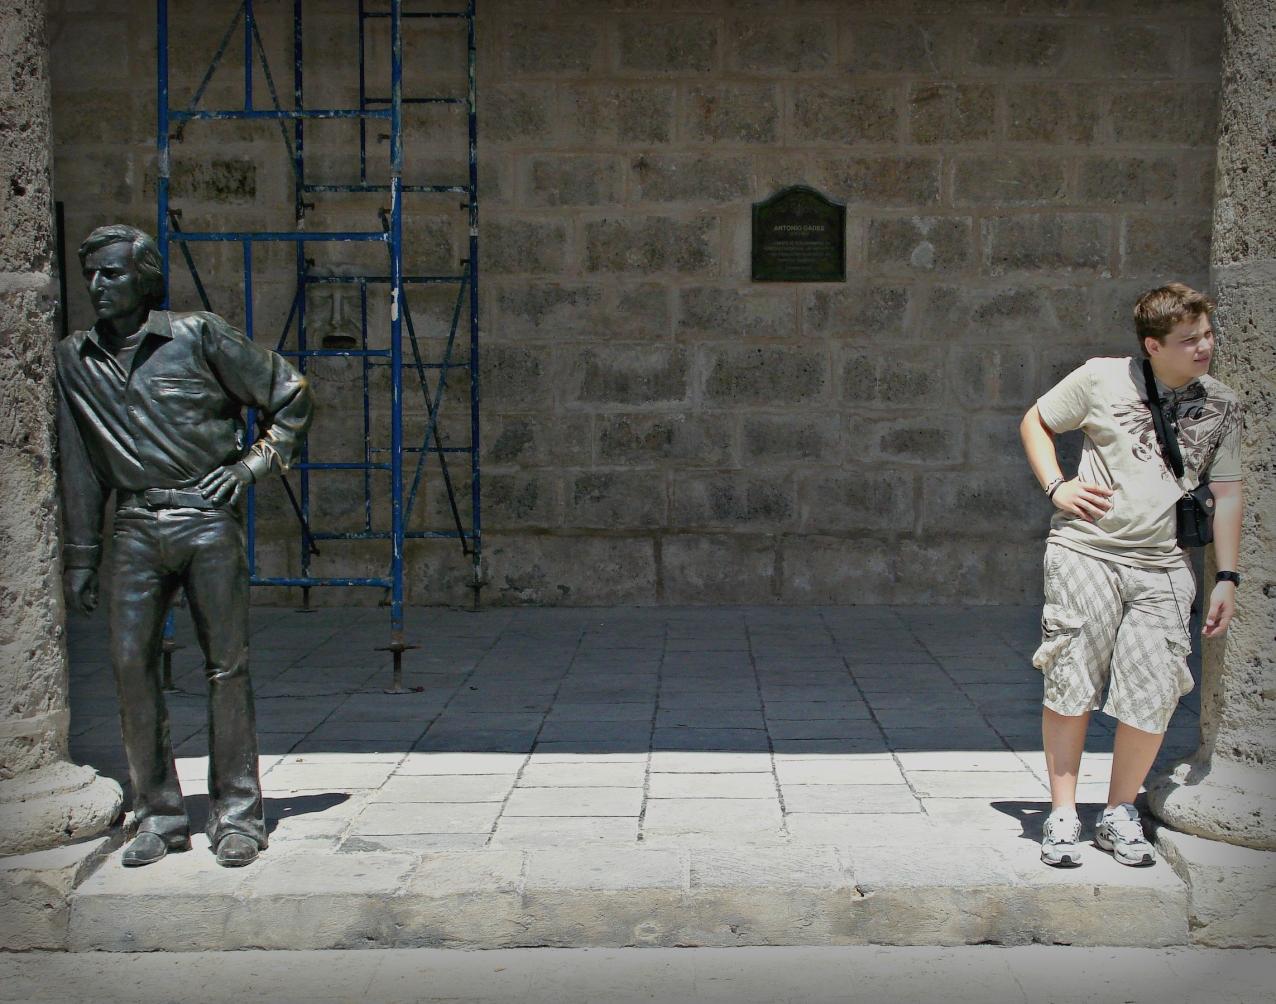 Statue & Boy